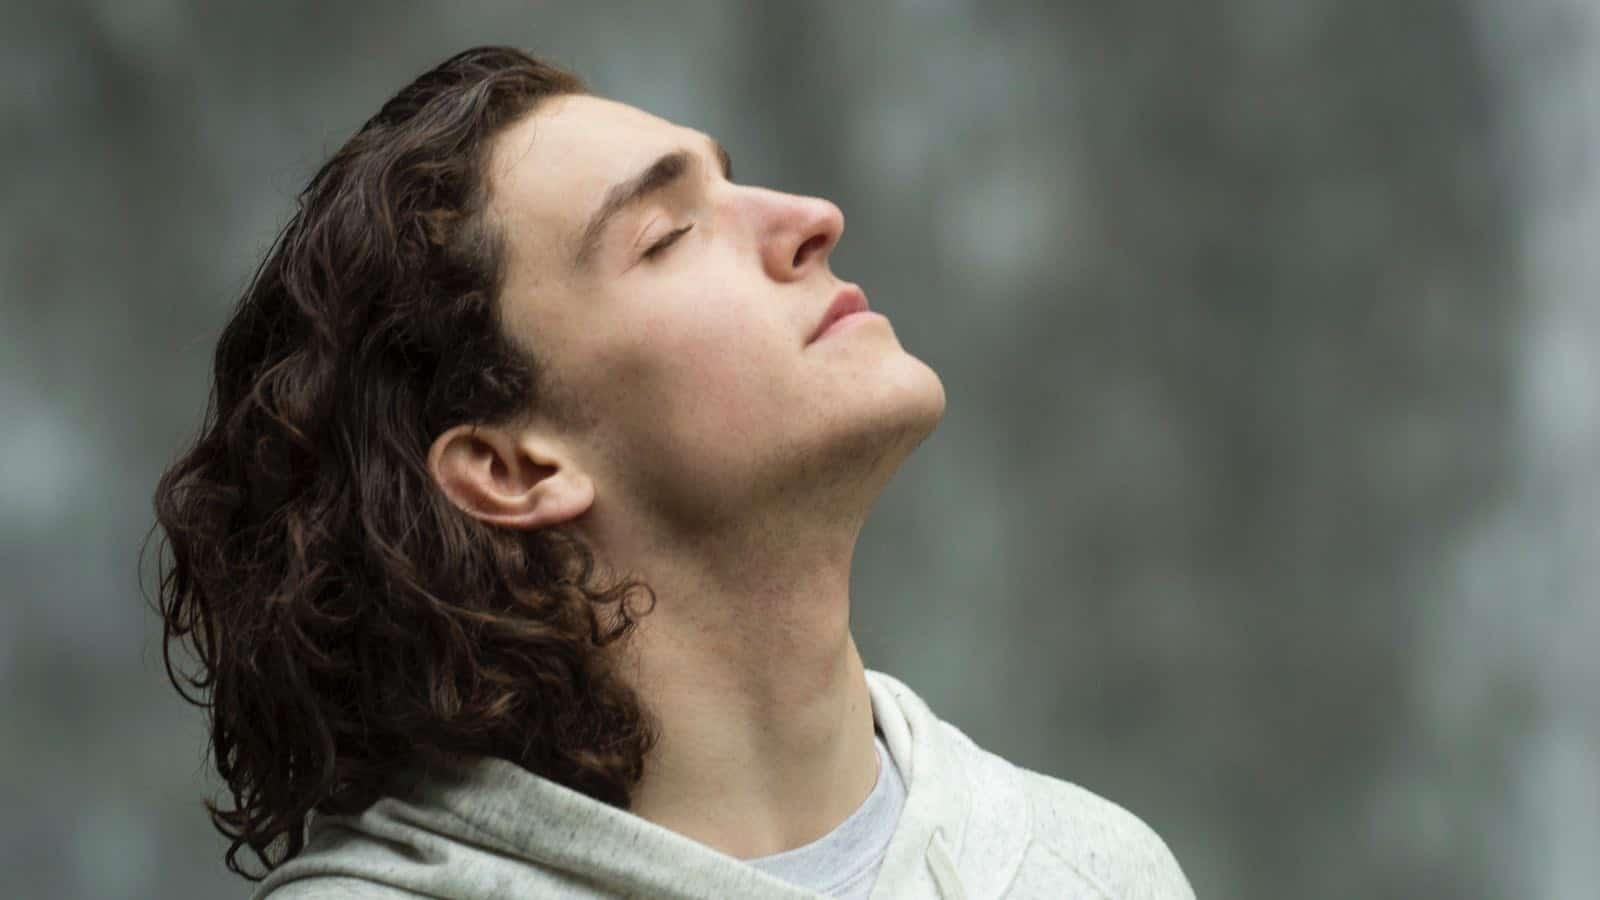 Nasenmuschel: Eine kurze Operation gegen Schnarchen